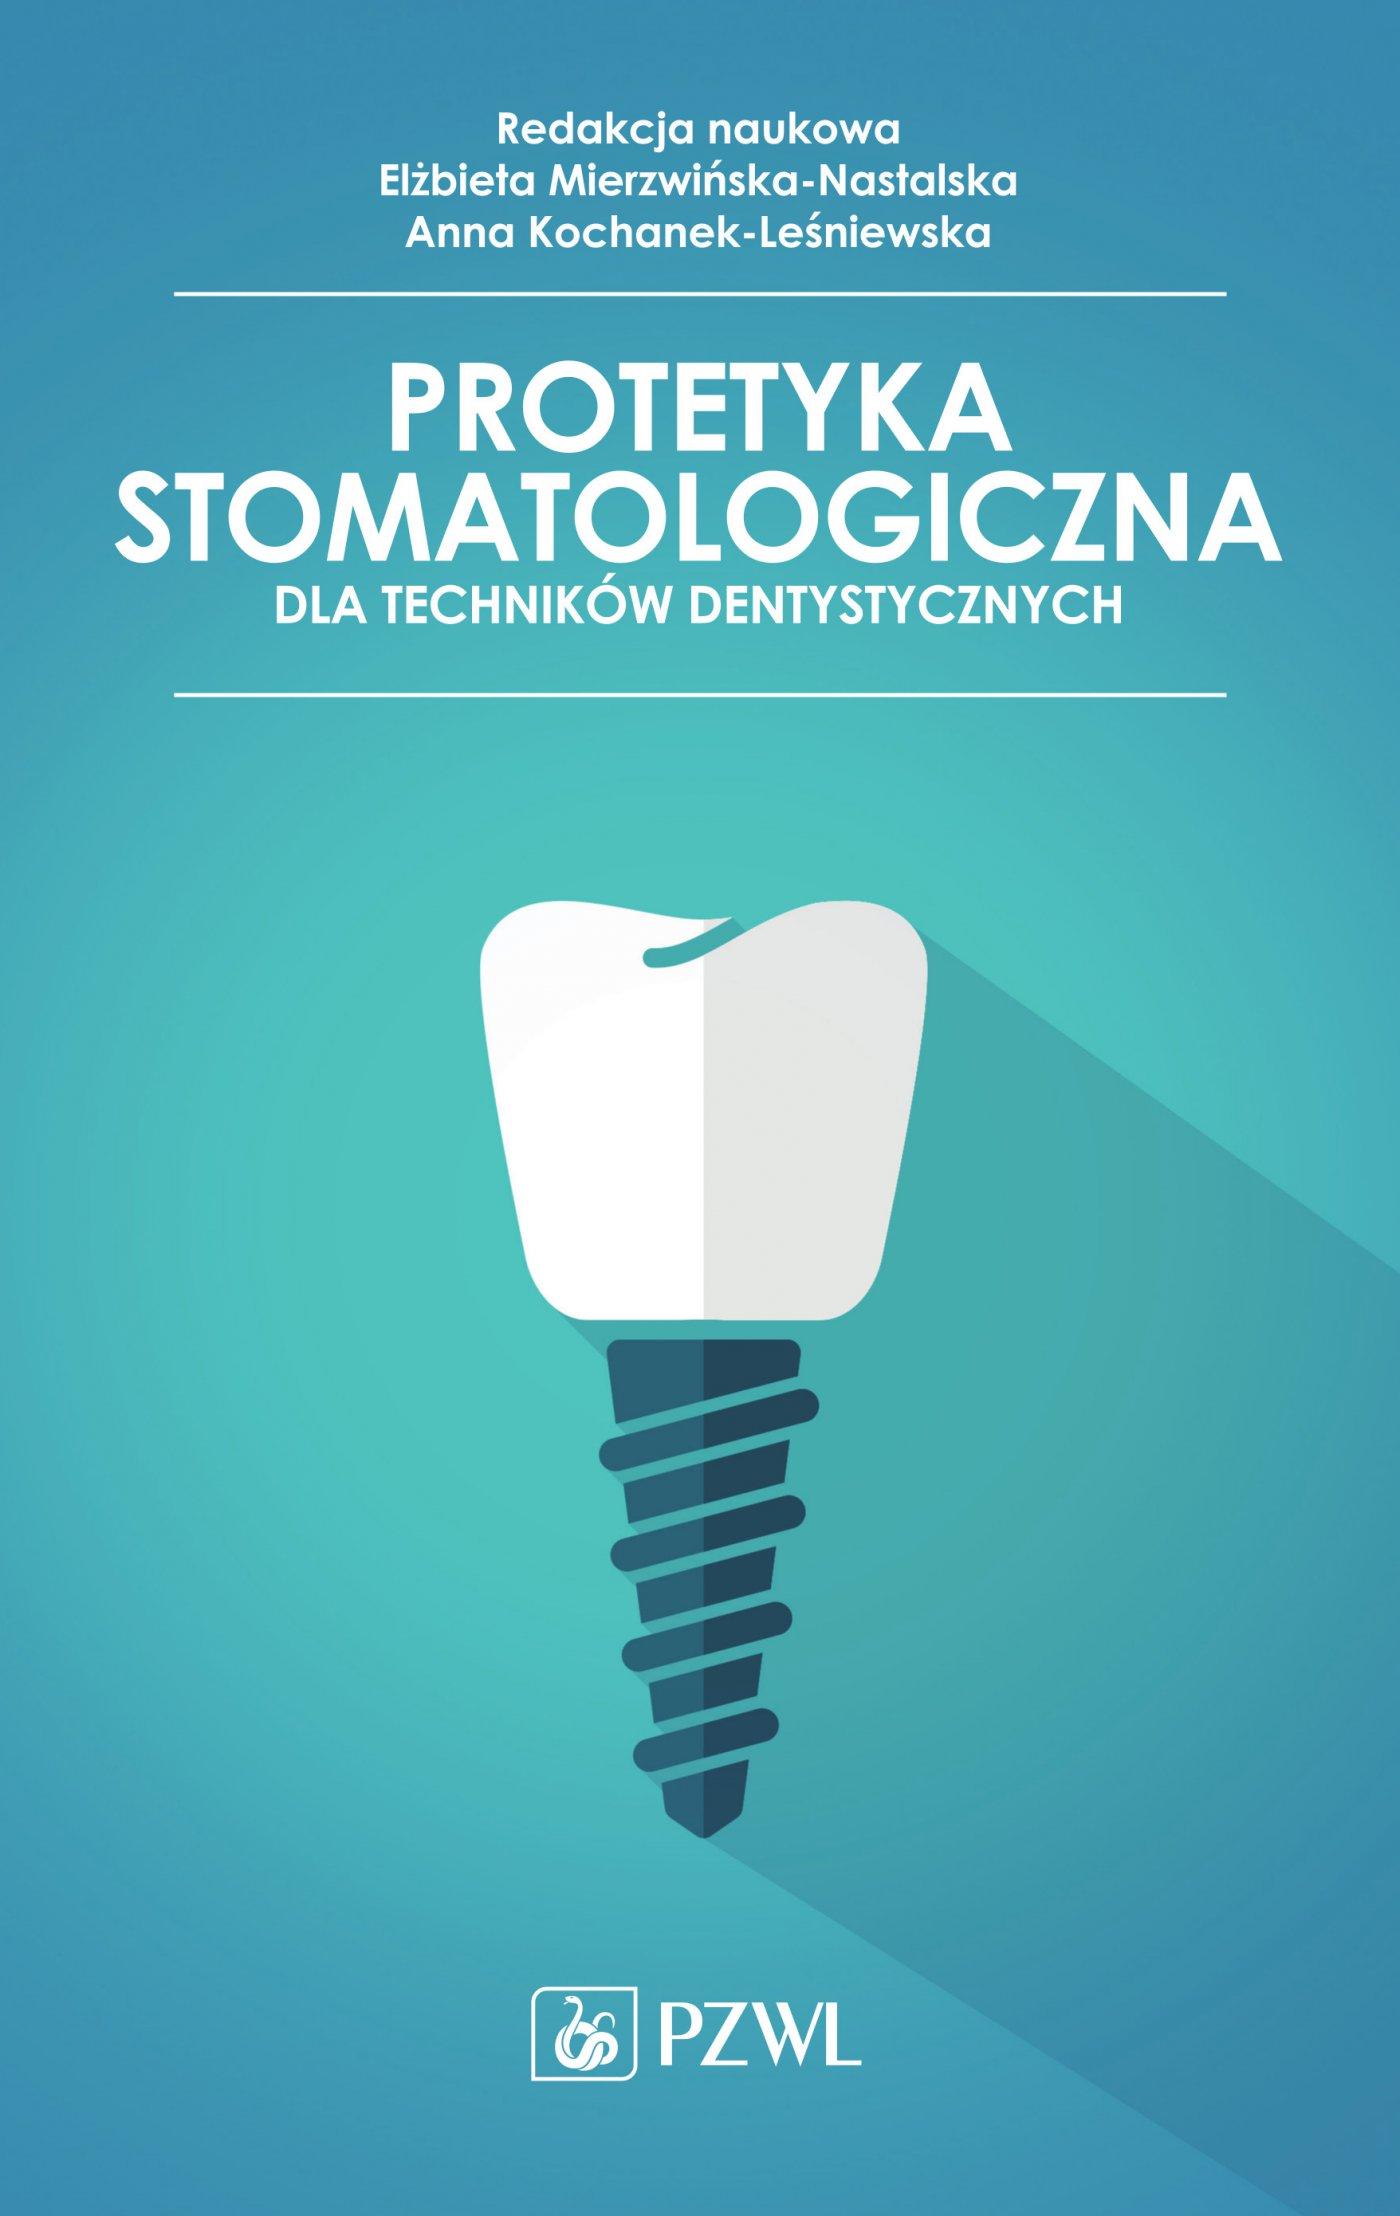 Protetyka stomatologiczna dla techników dentystycznych - Ebook (Książka na Kindle) do pobrania w formacie MOBI